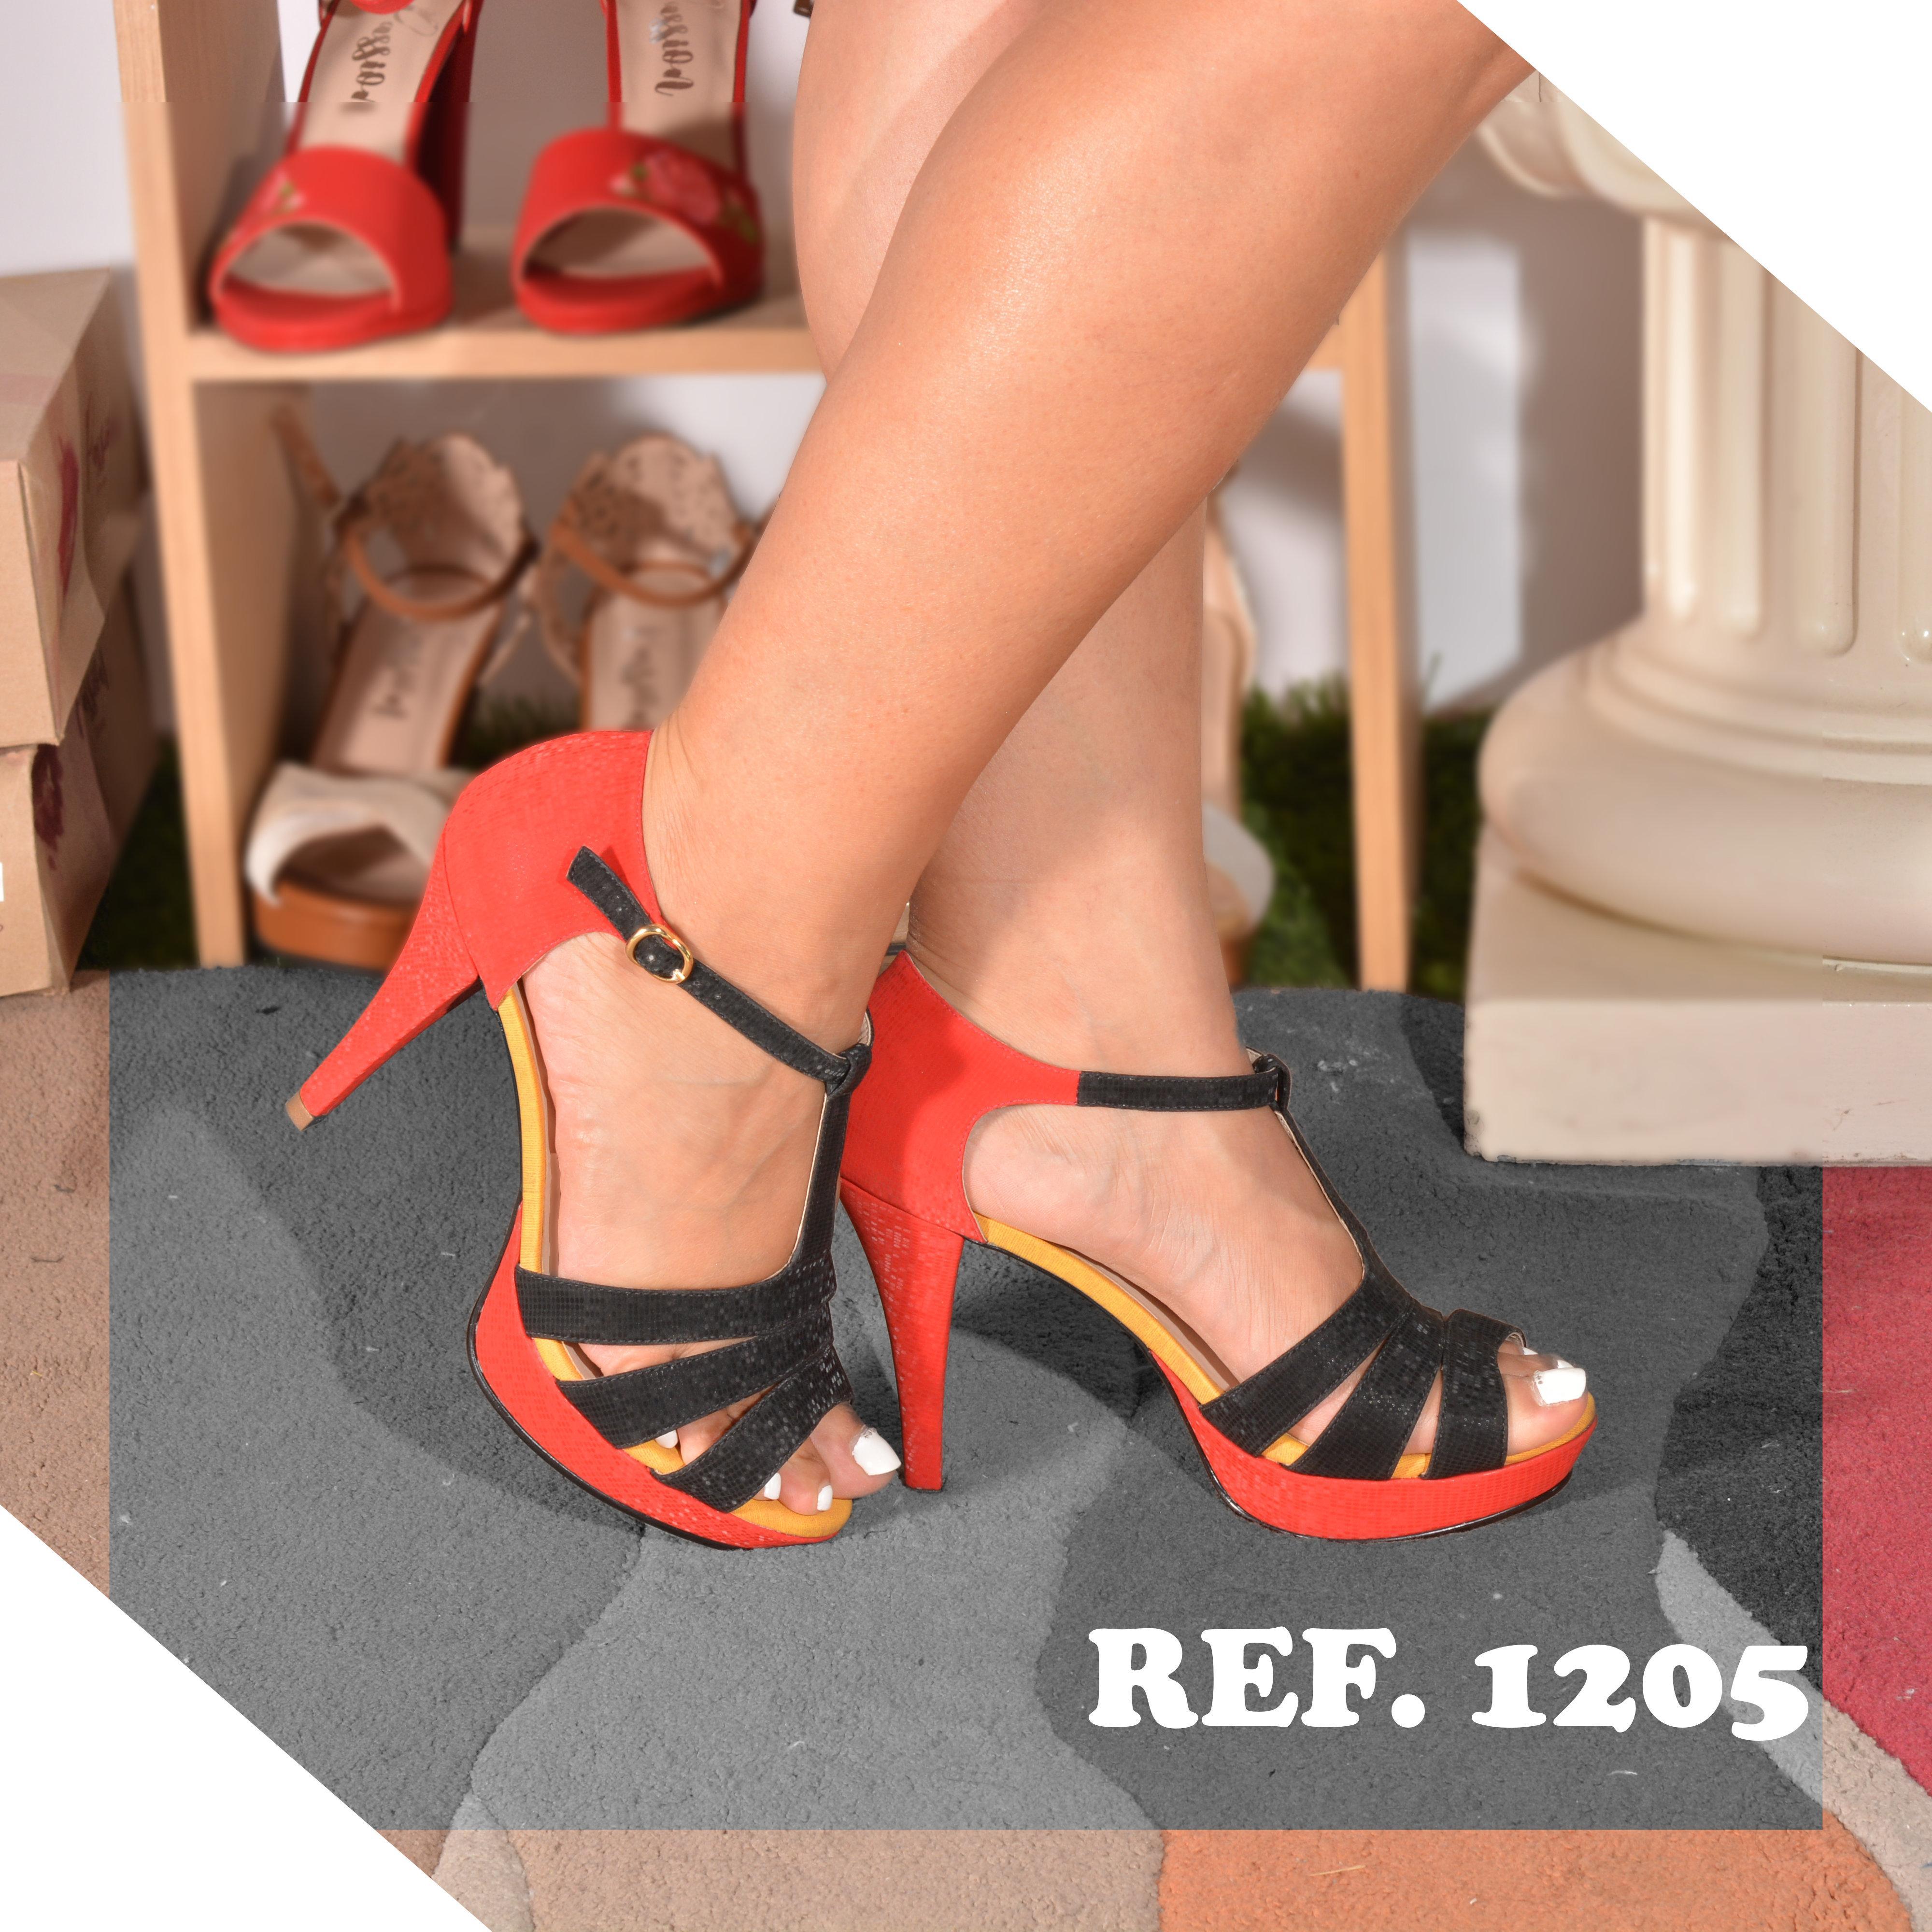 Hermosos Zapatos Colombianos con Tacón y tiras que contrastan Rojo con Negro para un diseño impecable